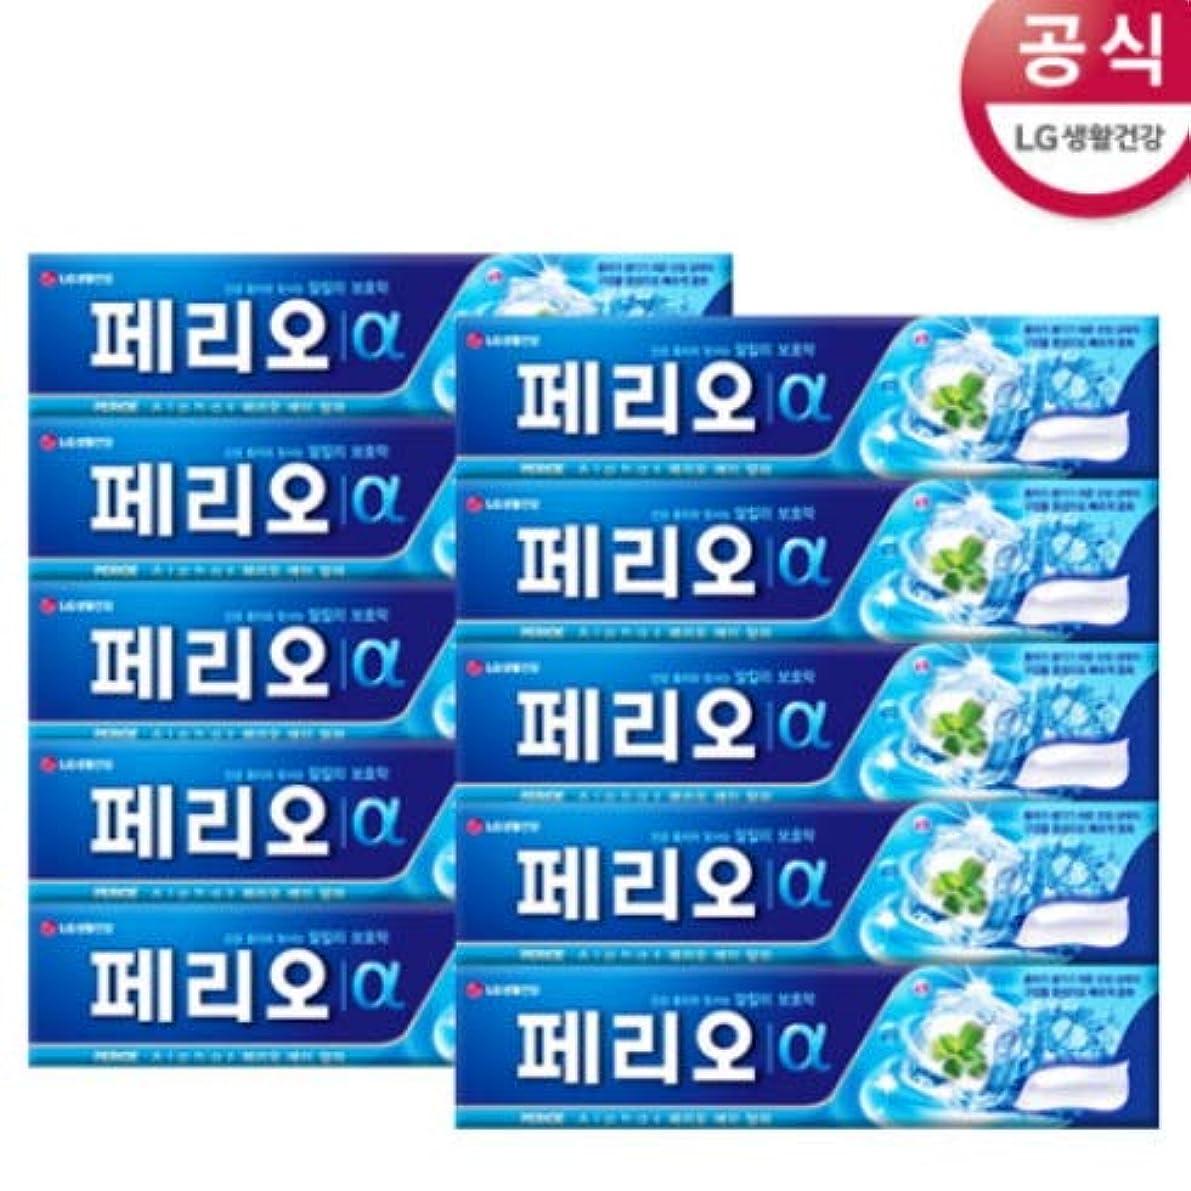 津波迫害建設[LG HnB] Perio Alpha Toothpaste/ペリオアルファ歯磨き粉 170gx10個(海外直送品)